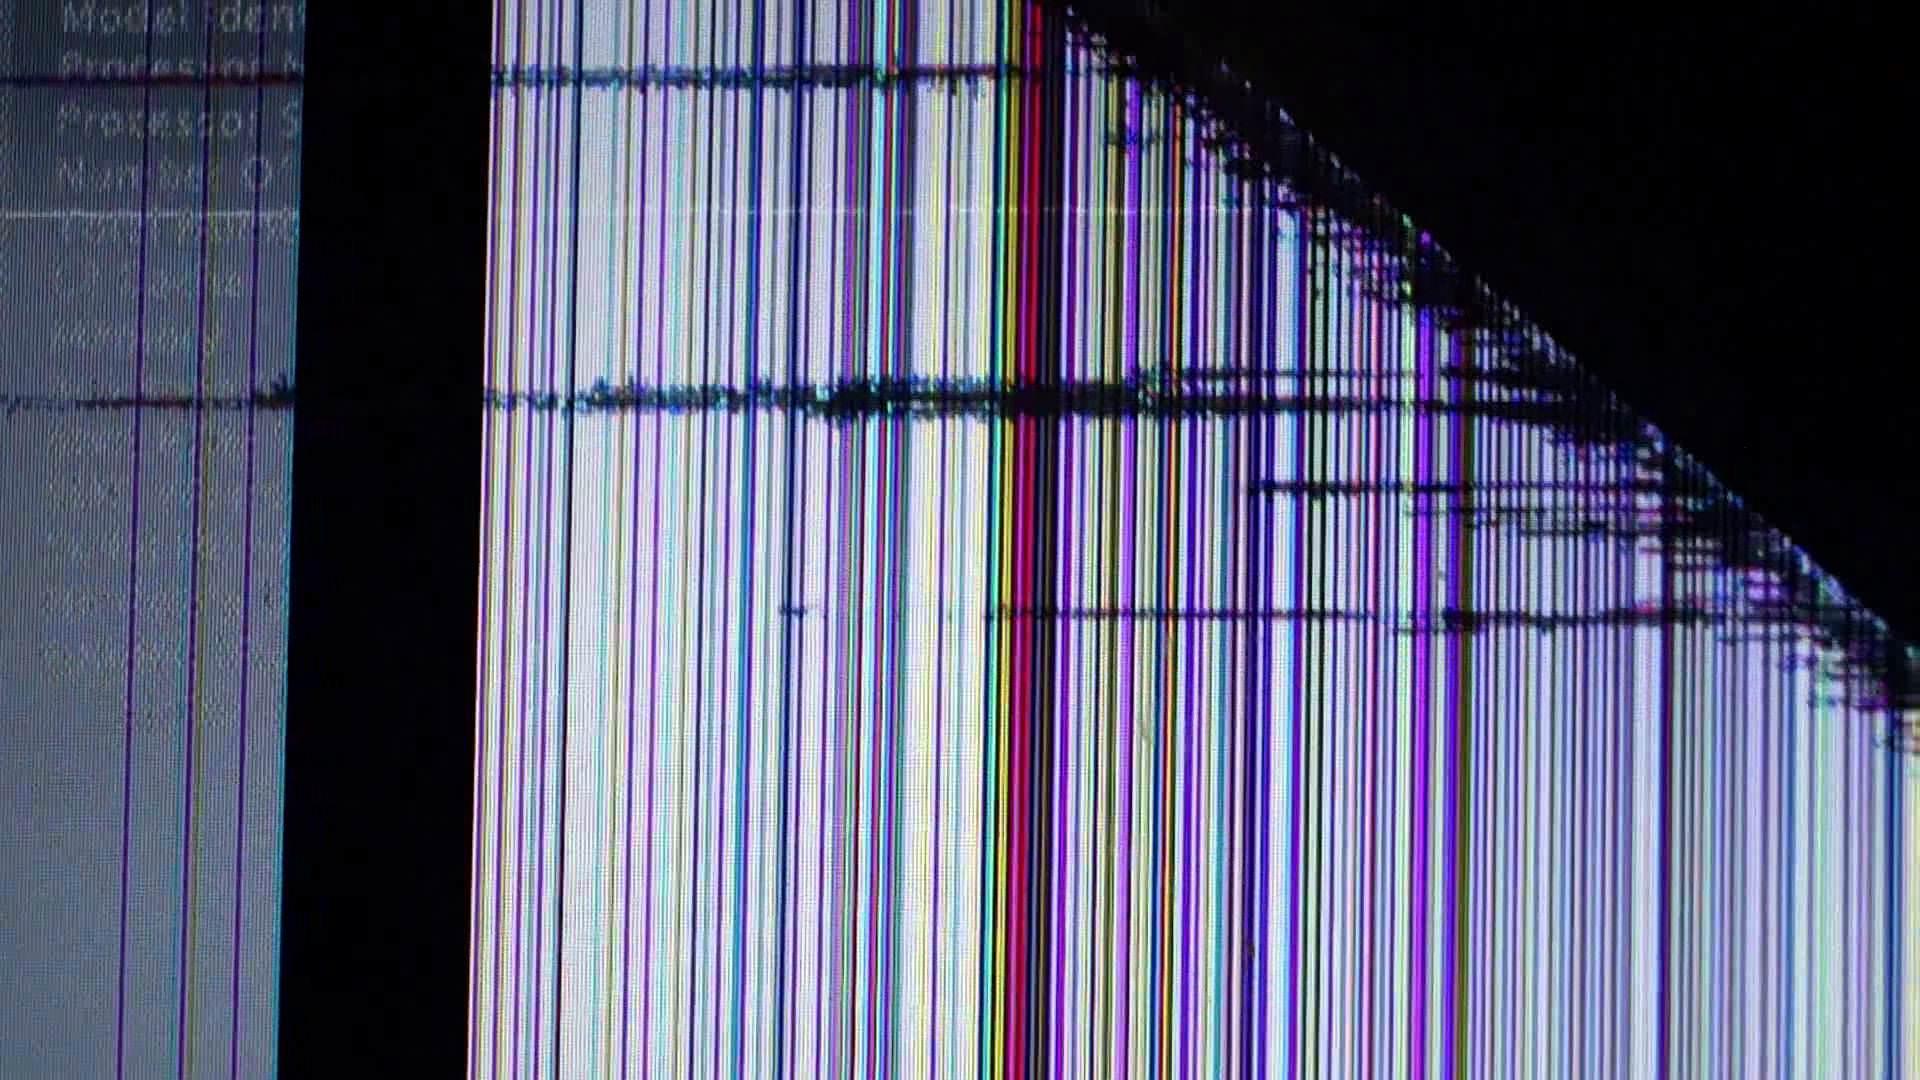 Сломанный Экран Телефона Обои